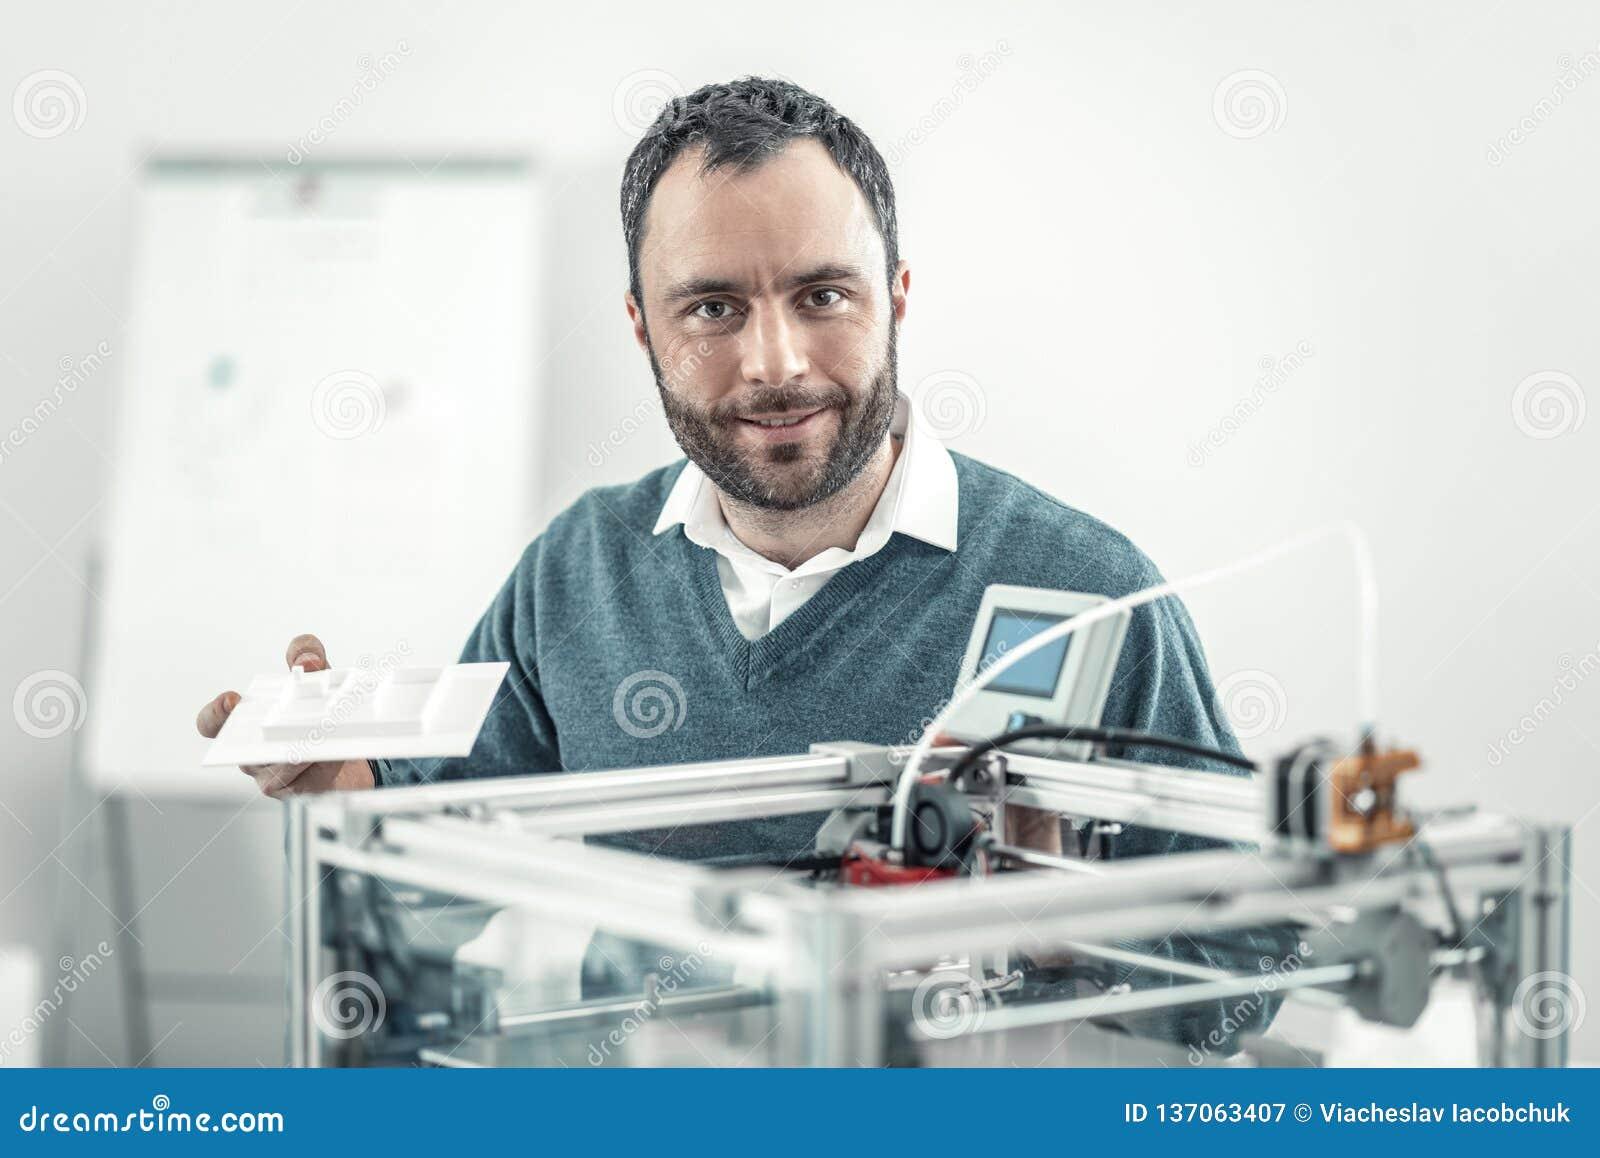 Pozytywny mądrze dorosły mężczyzna używa 3d drukarkę